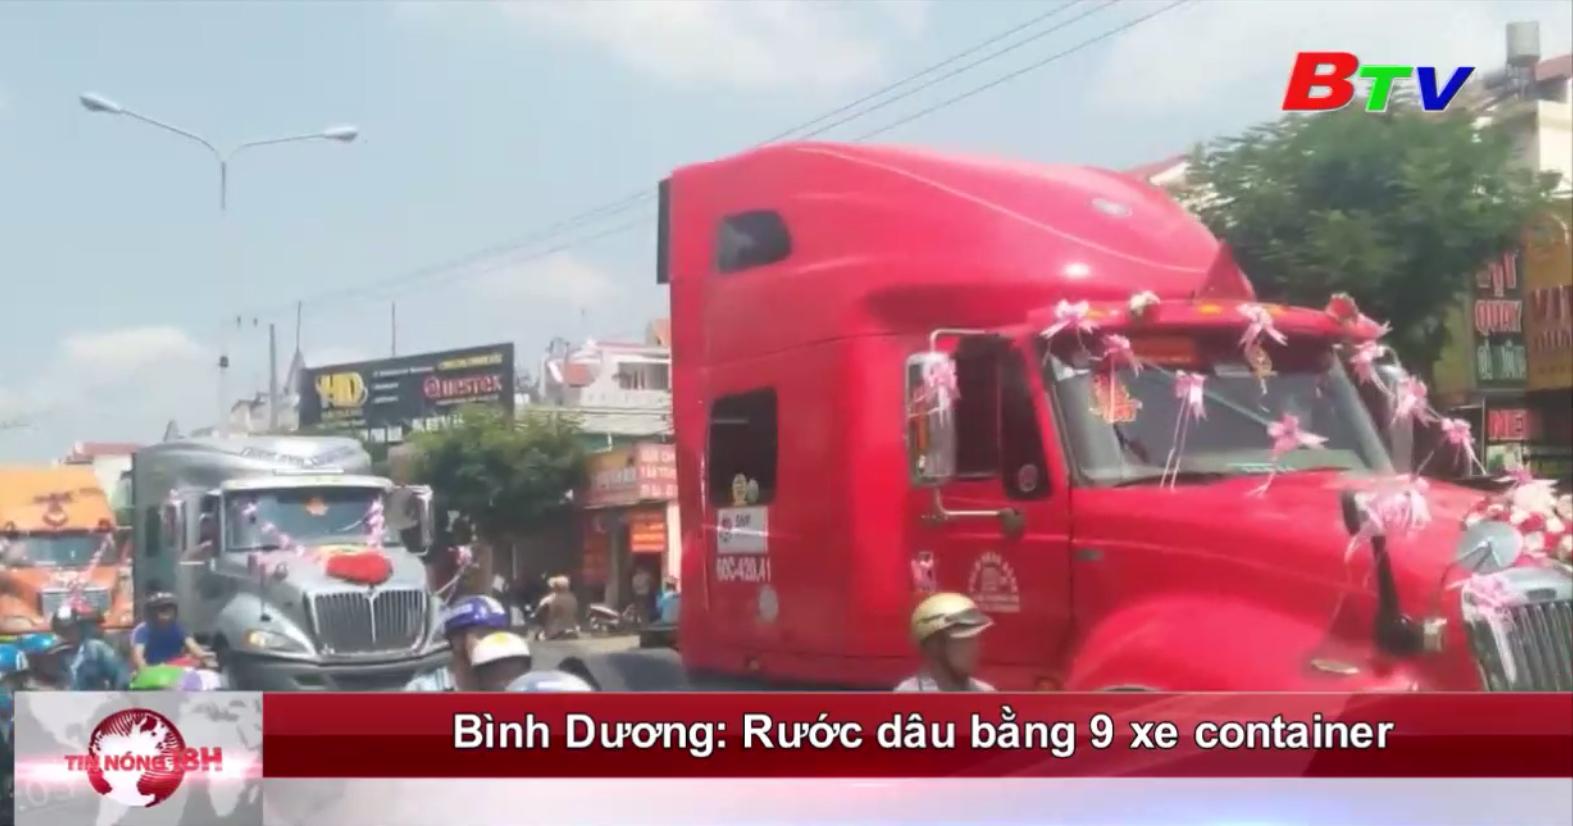 Bình Dương: Rước dâu bằng 9 xe container